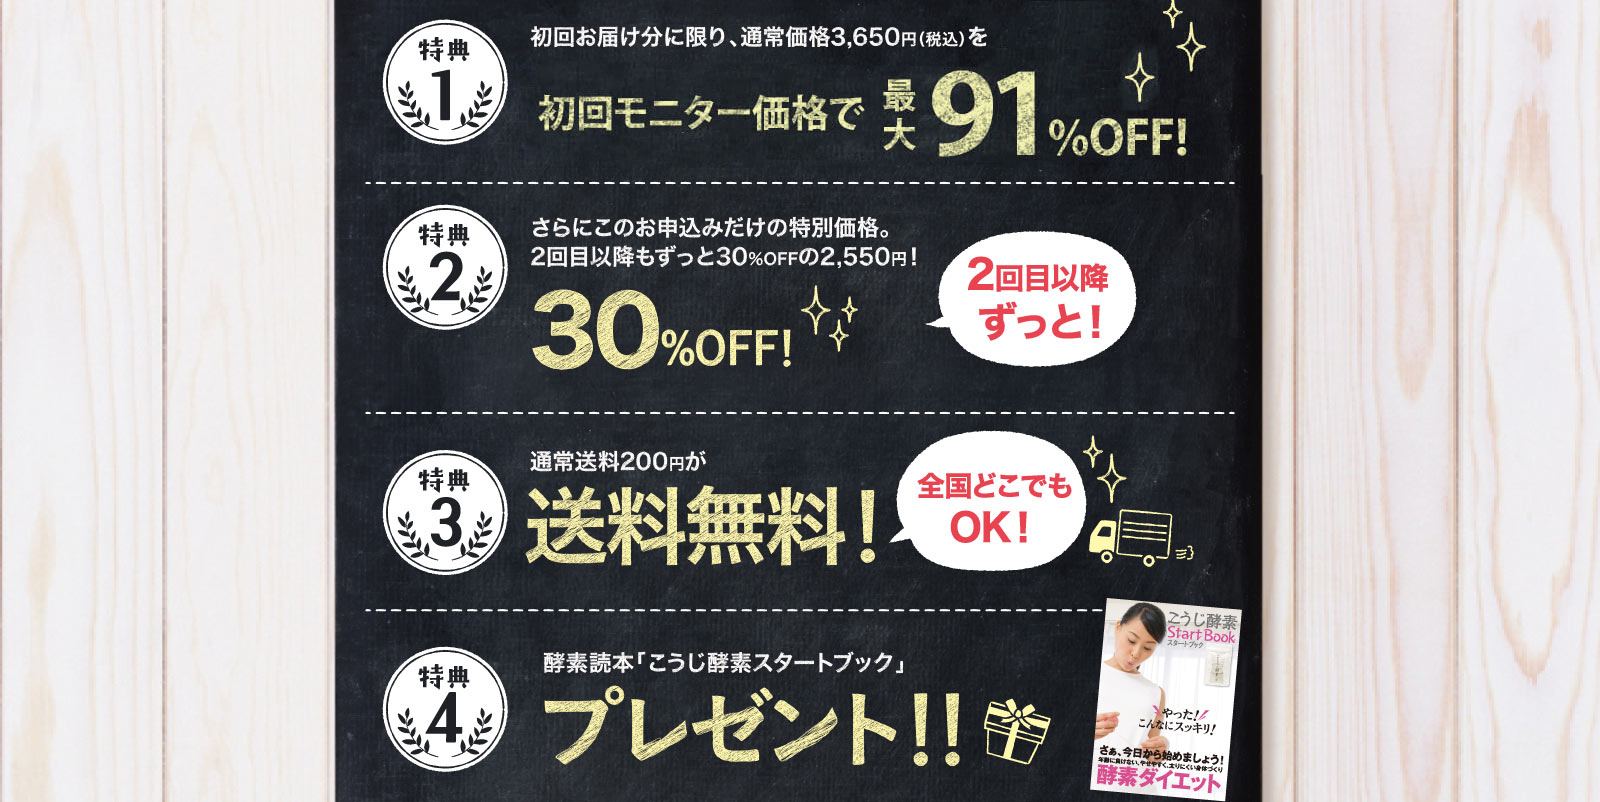 初回お届け分に限り、通常価格3,650円(税込)を初回 300円